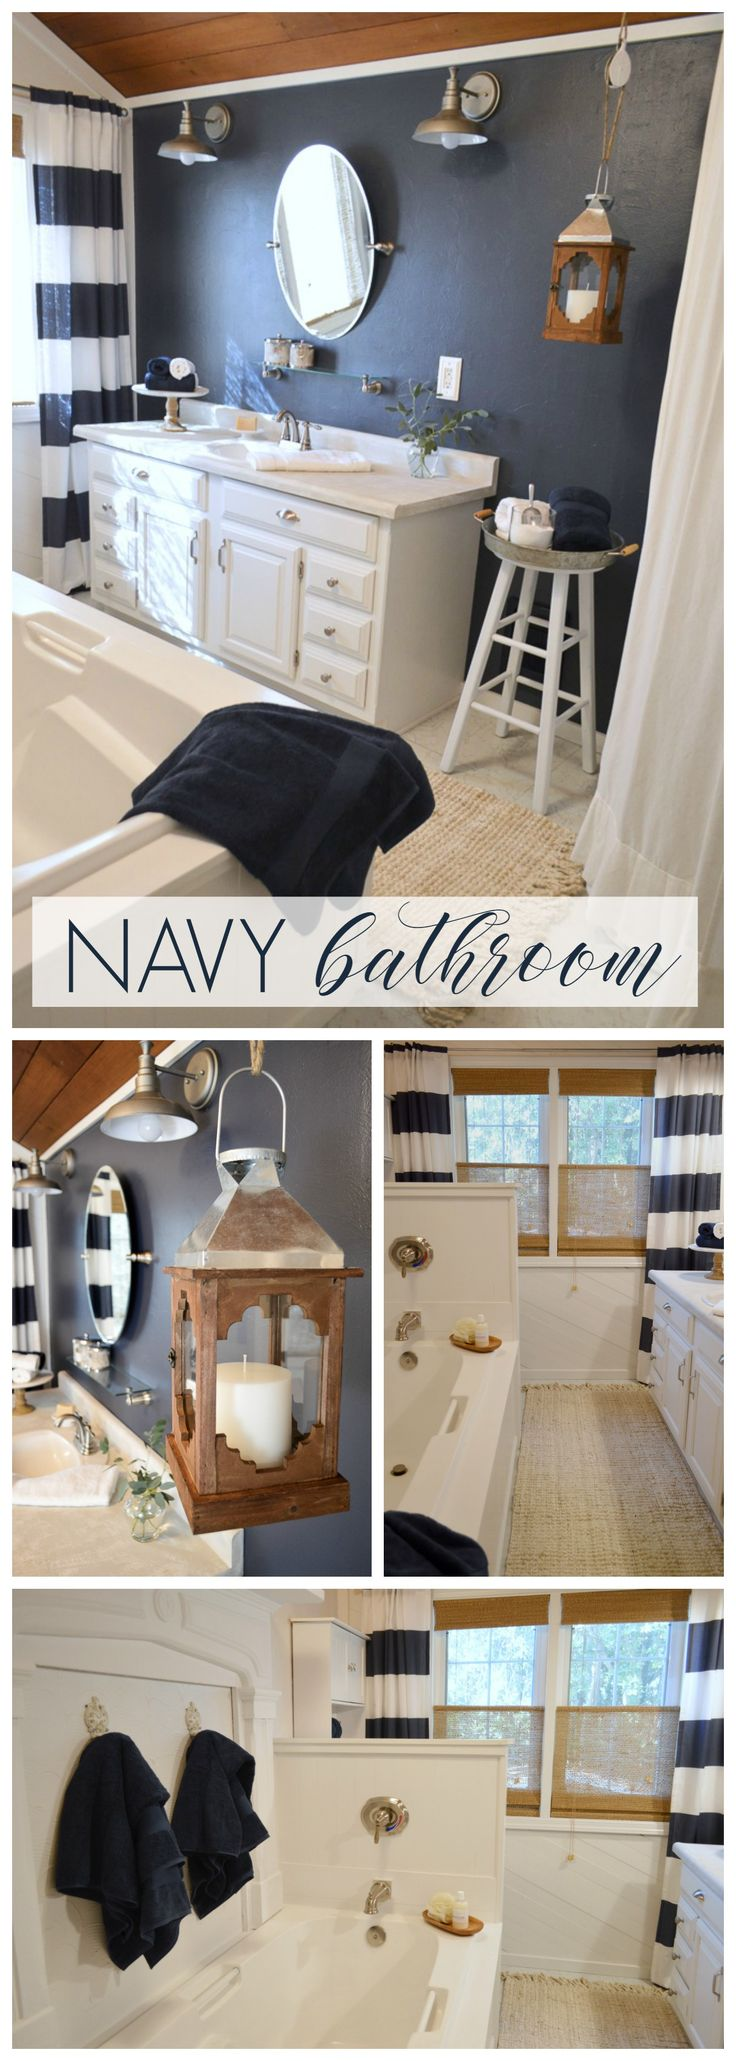 17 best ideas about navy bathroom decor on pinterest for Bathroom ideas navy blue